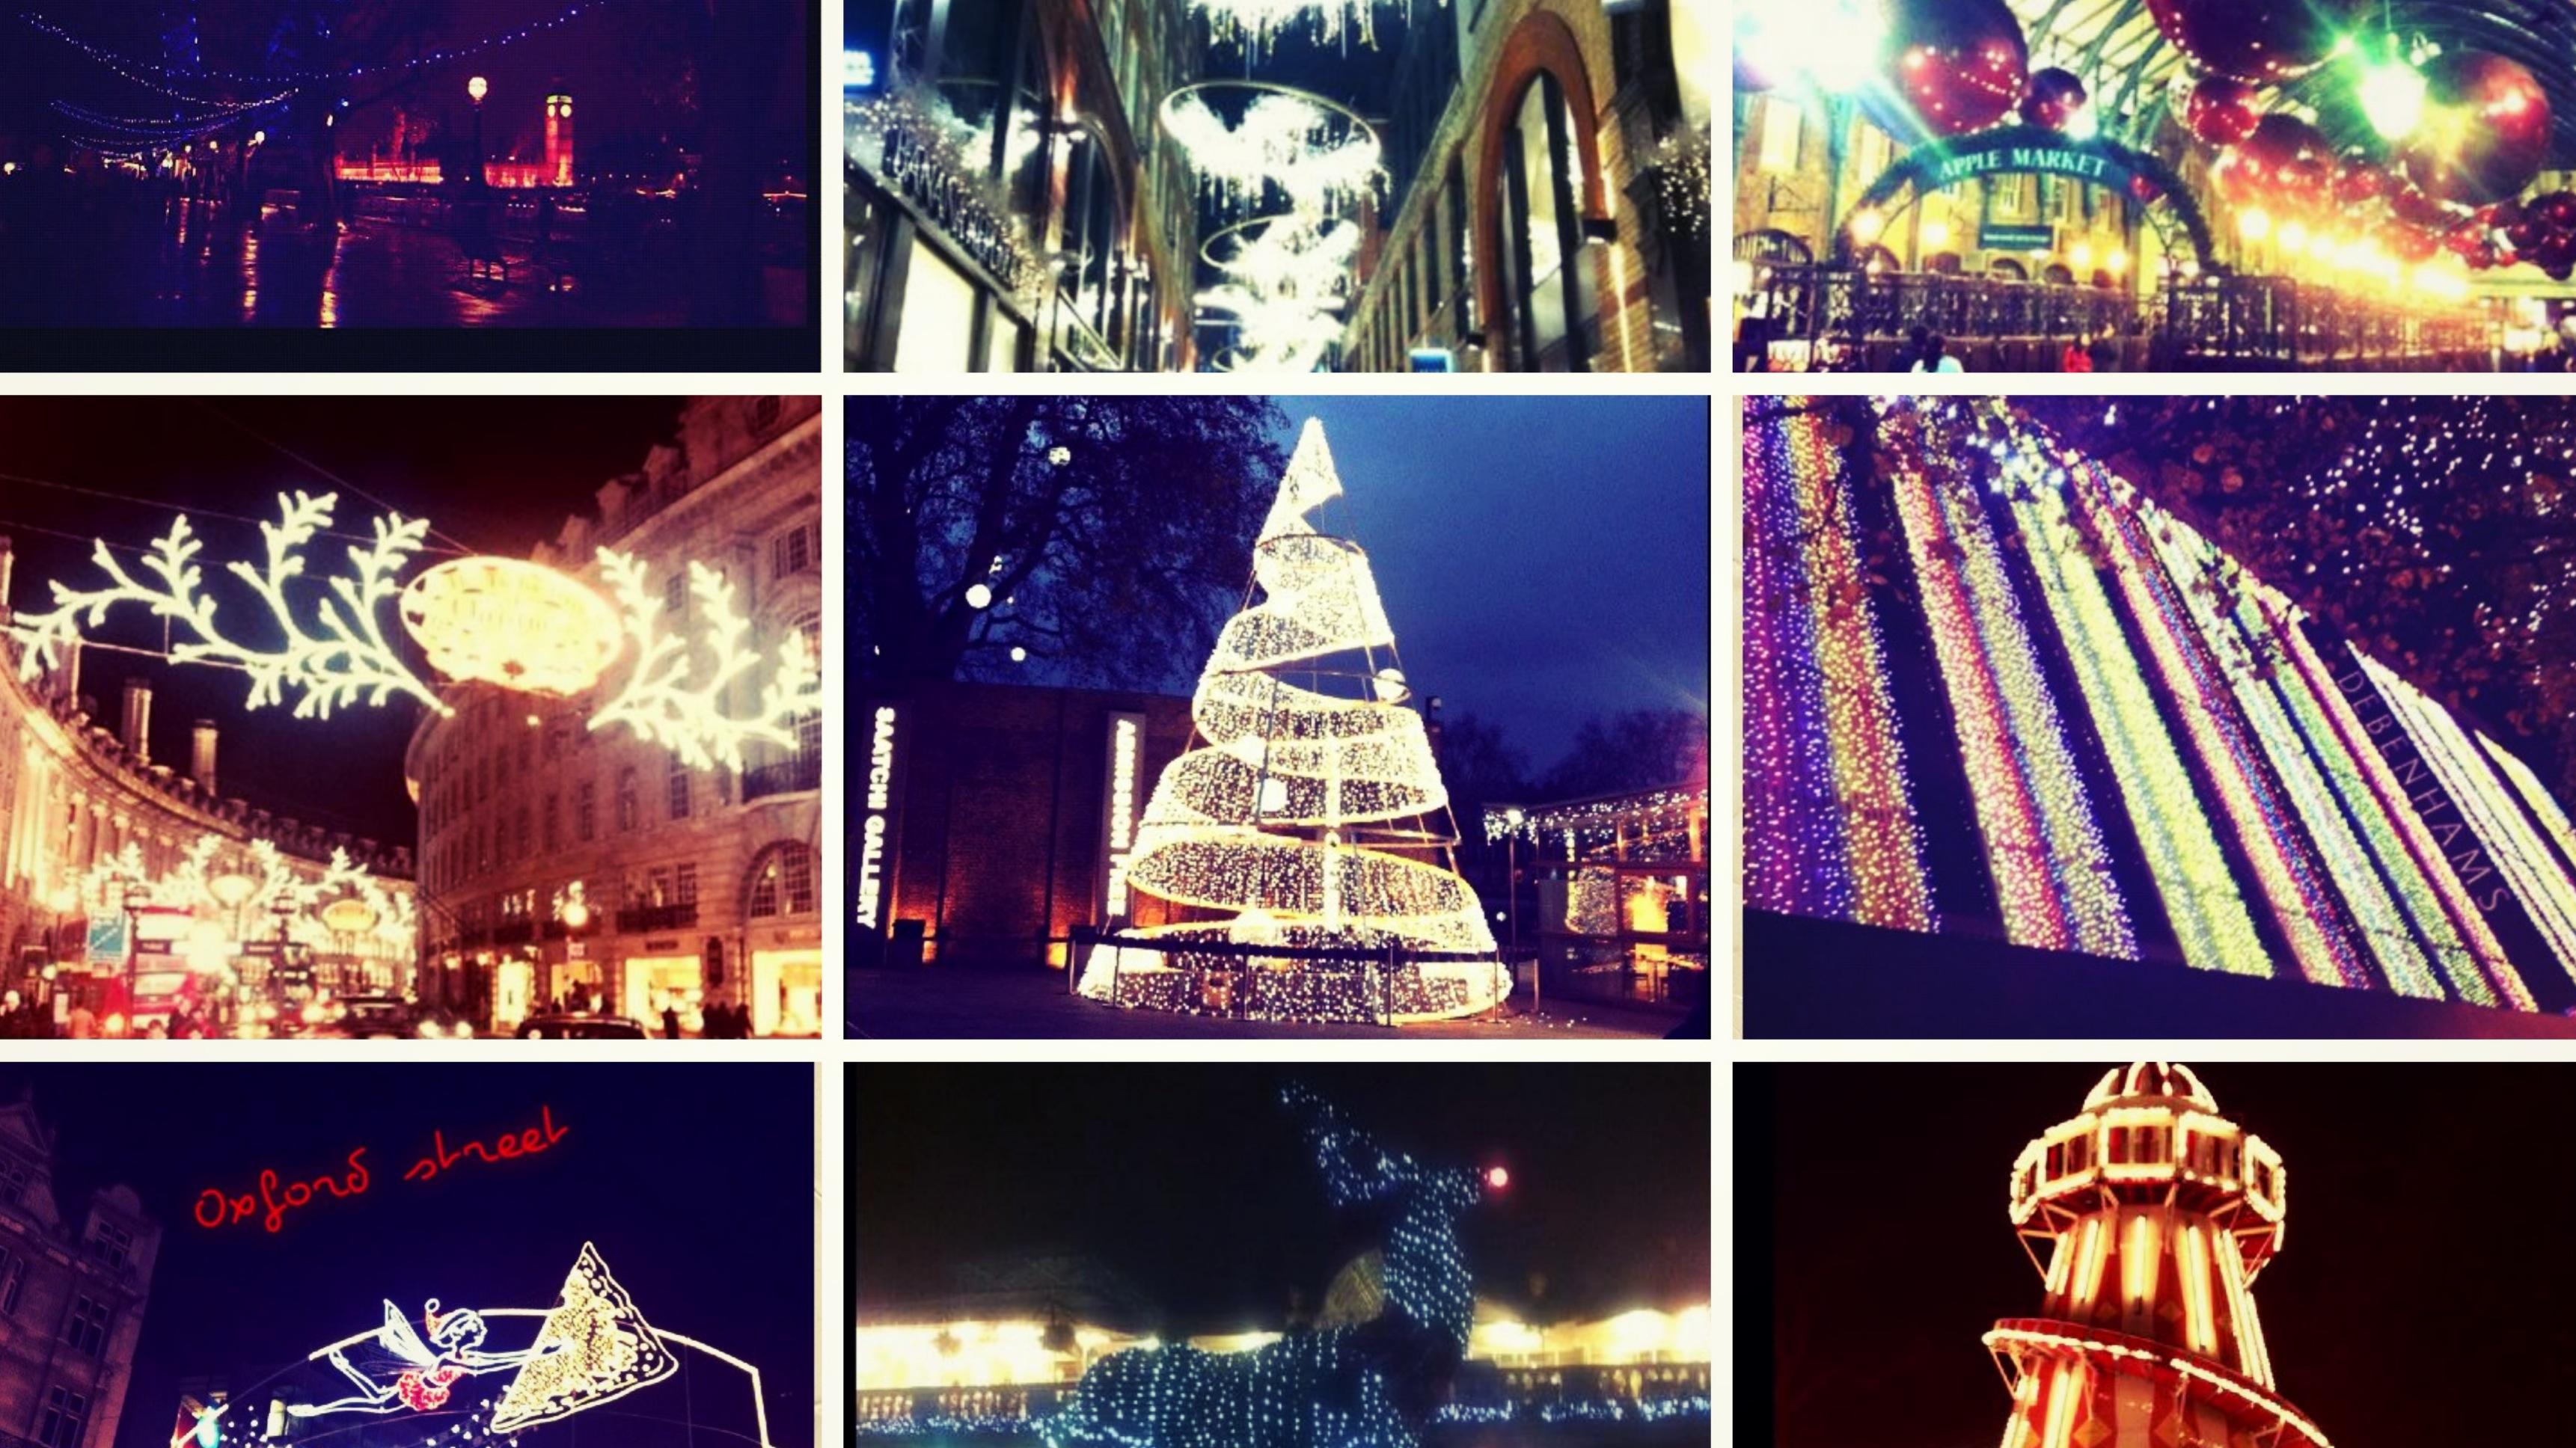 #1C0C2E Noël à Londres Les Petites Joies De La Vie Londonienne 5317 decorations de noel a londres 3443x1936 px @ aertt.com